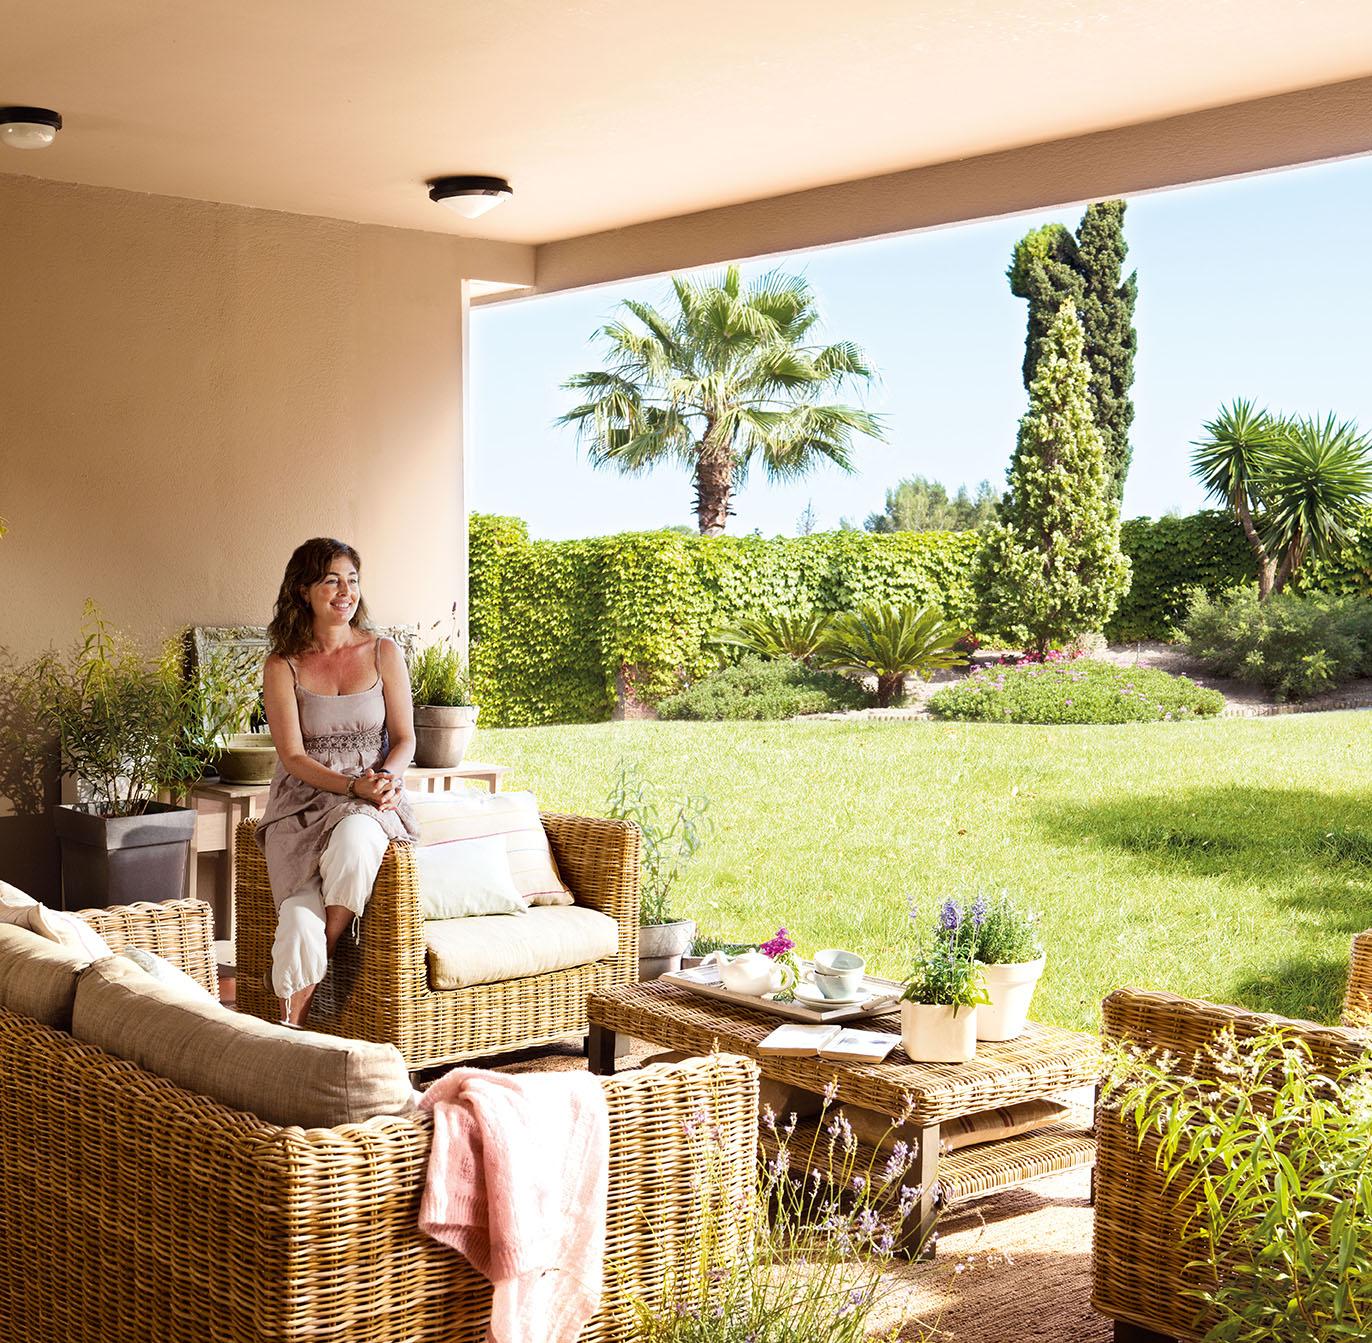 Una casa cuidada con mucho mimo - Conillas garden center ...